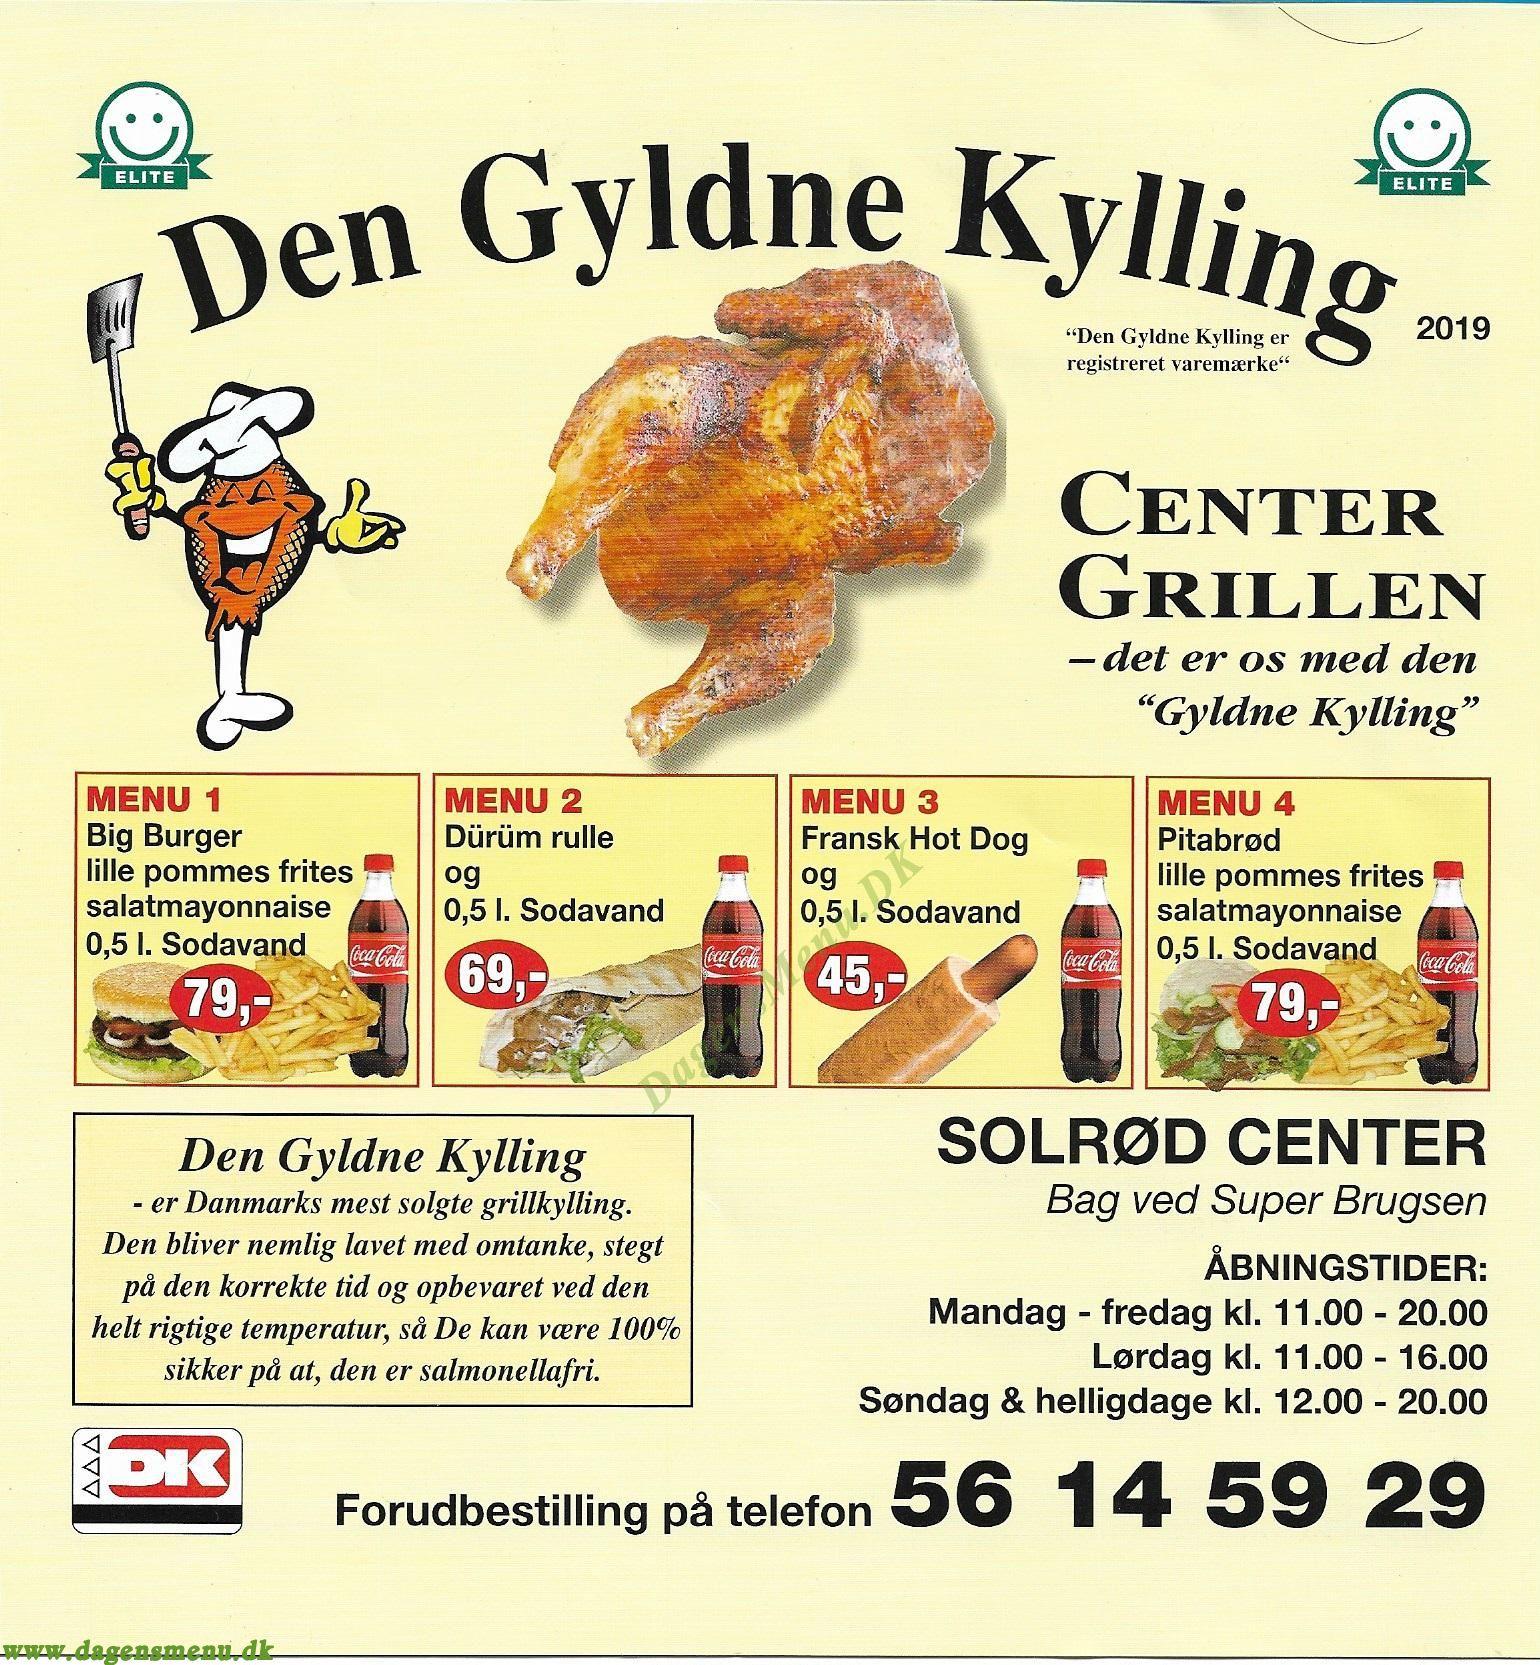 DEN GYLDNE KYLLING - Menukort